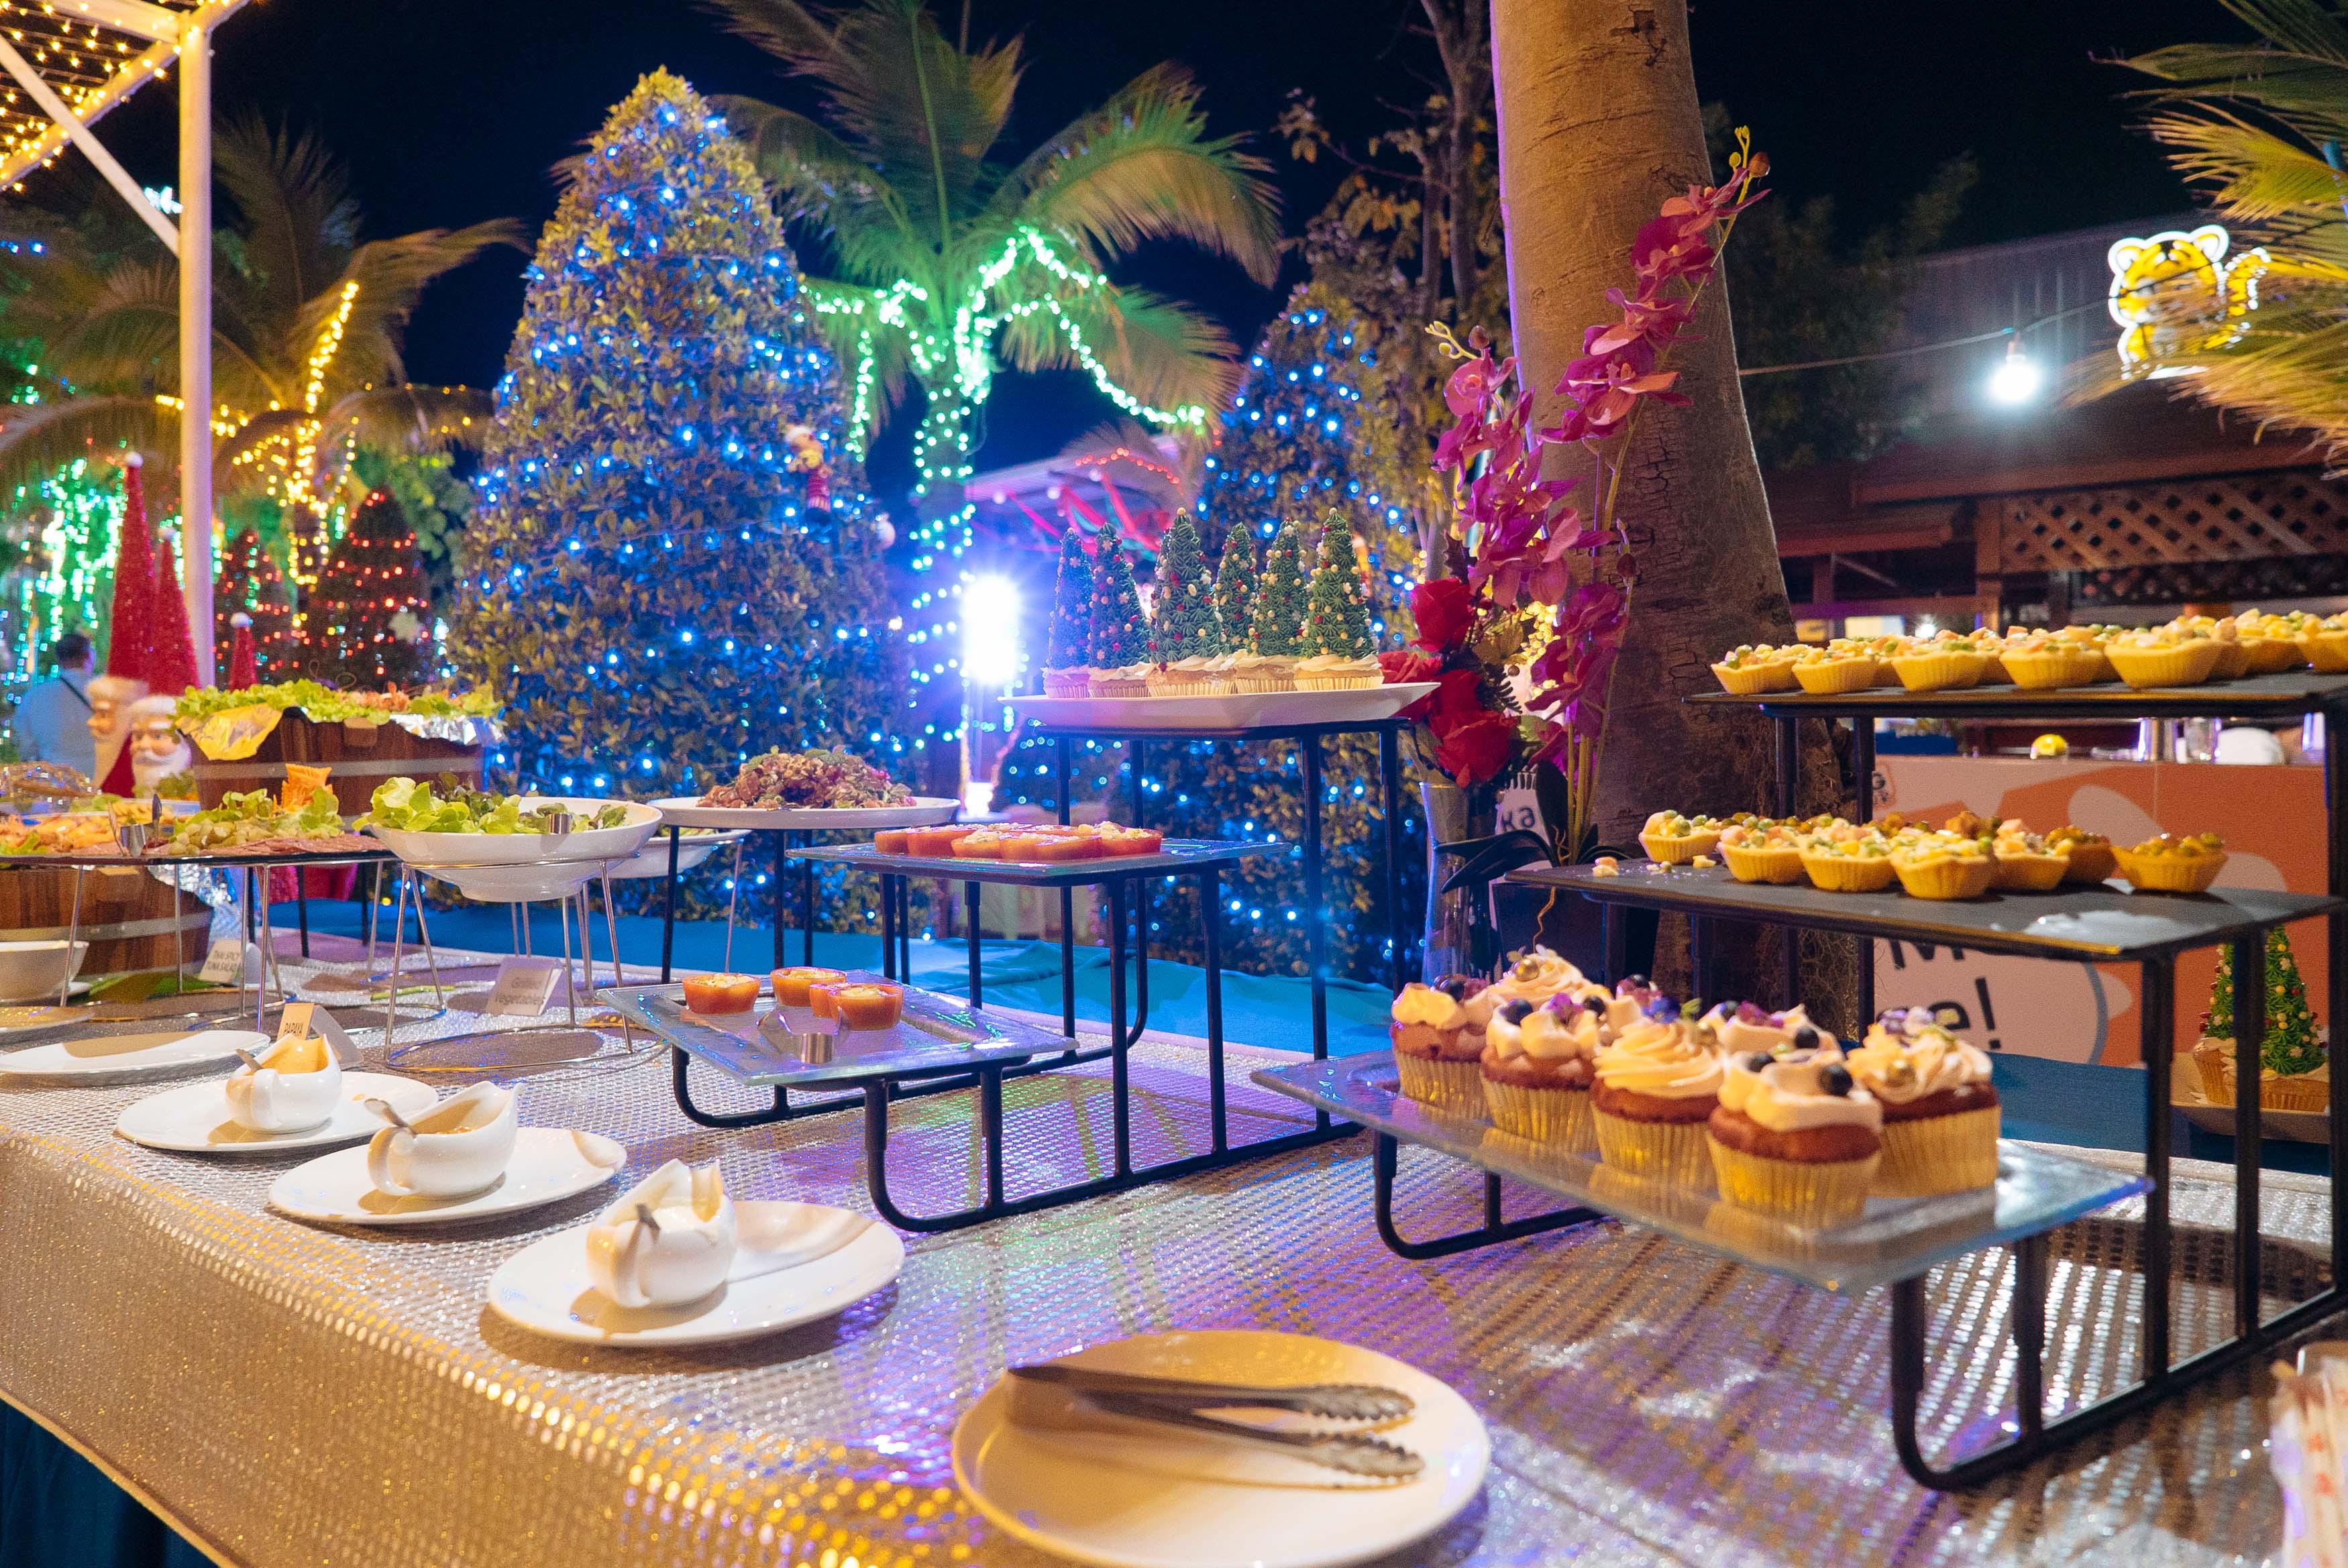 В ресторанах и отелях Пхукета разрешены новогодние вечеринки